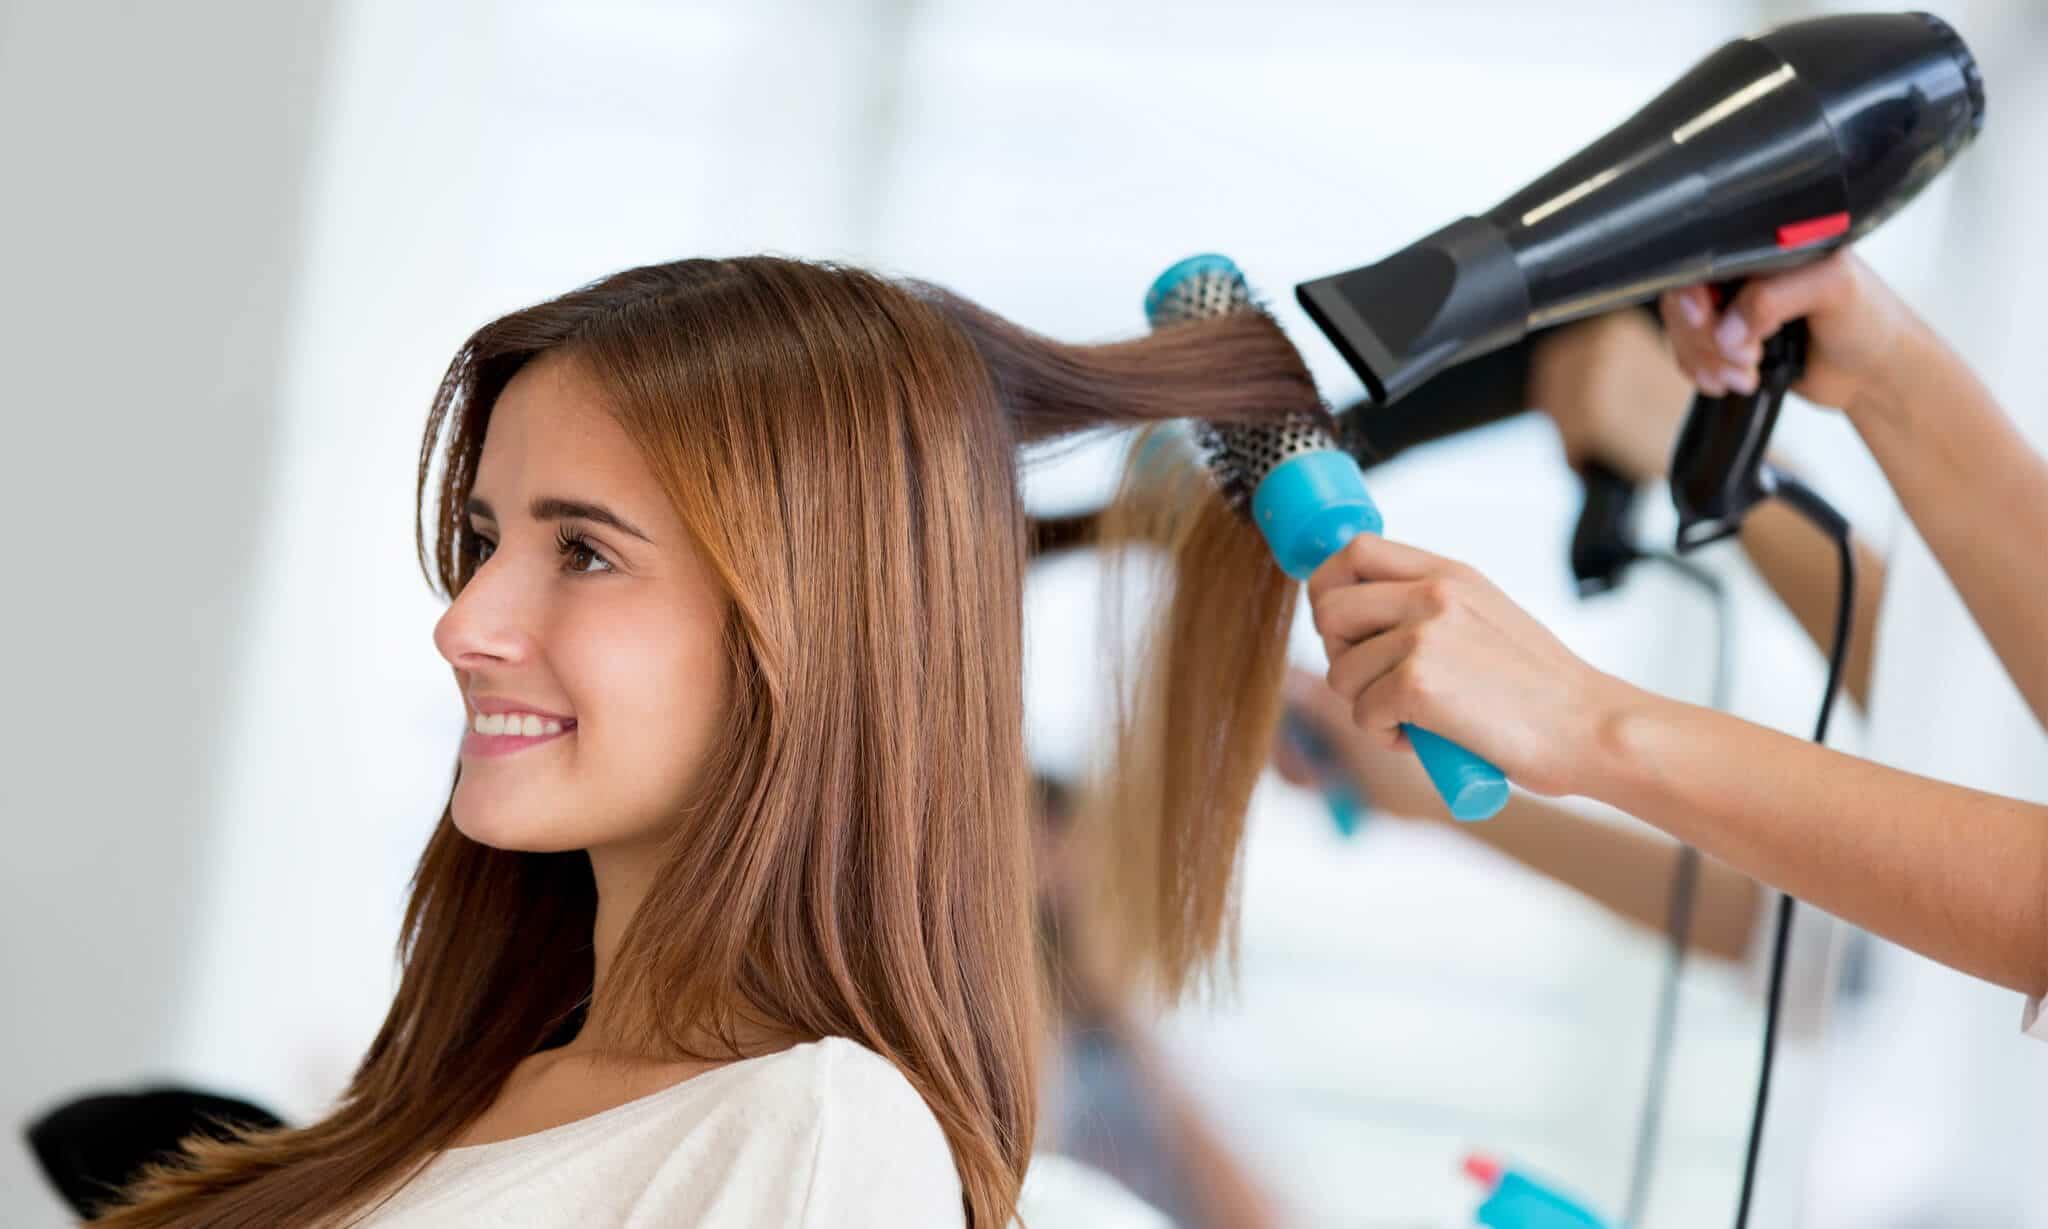 How To Run A Mobile Hair Salon